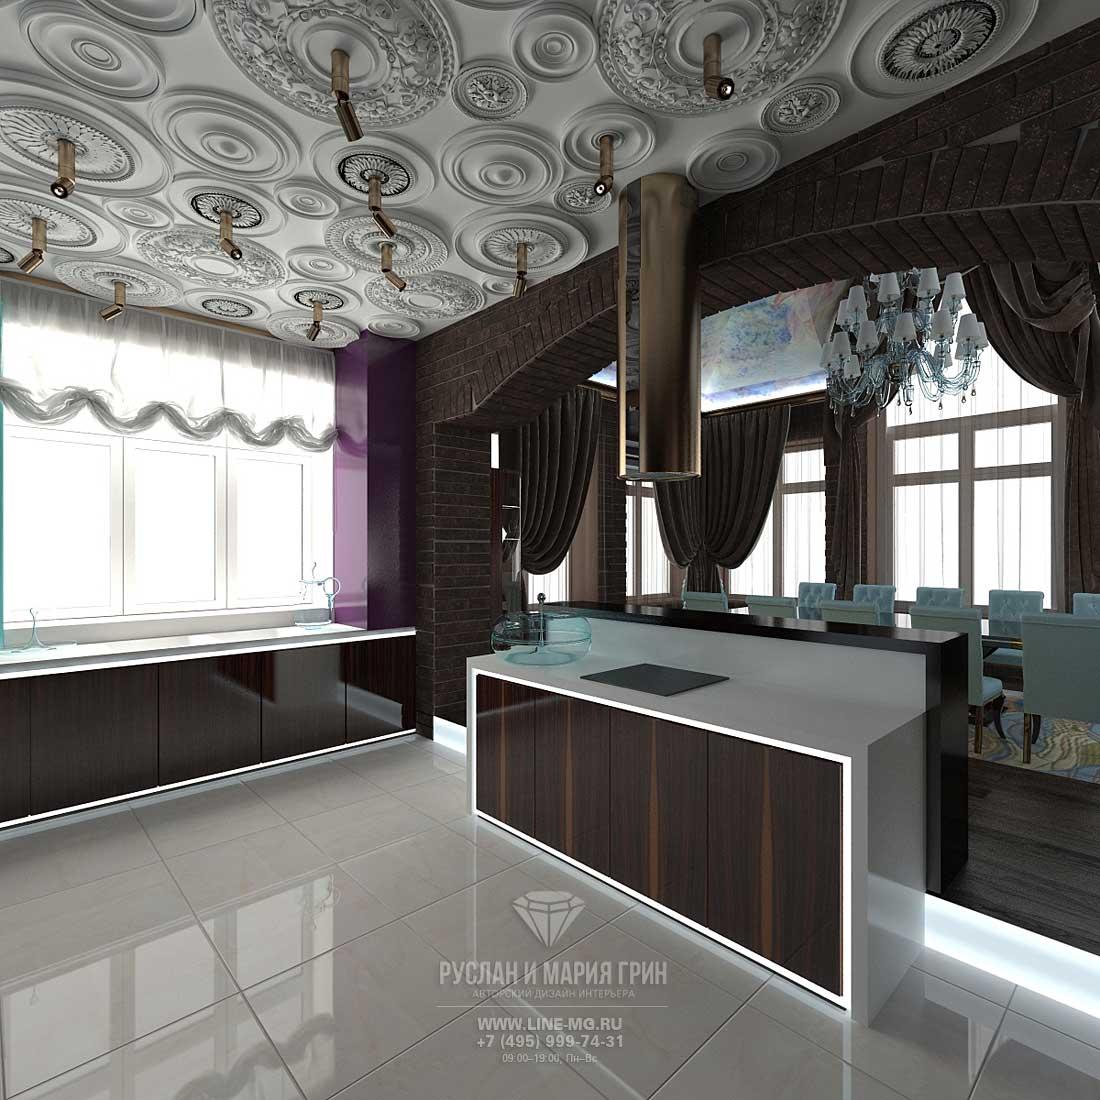 Кухня в стиле арт-деко с декоративными лепными розетками